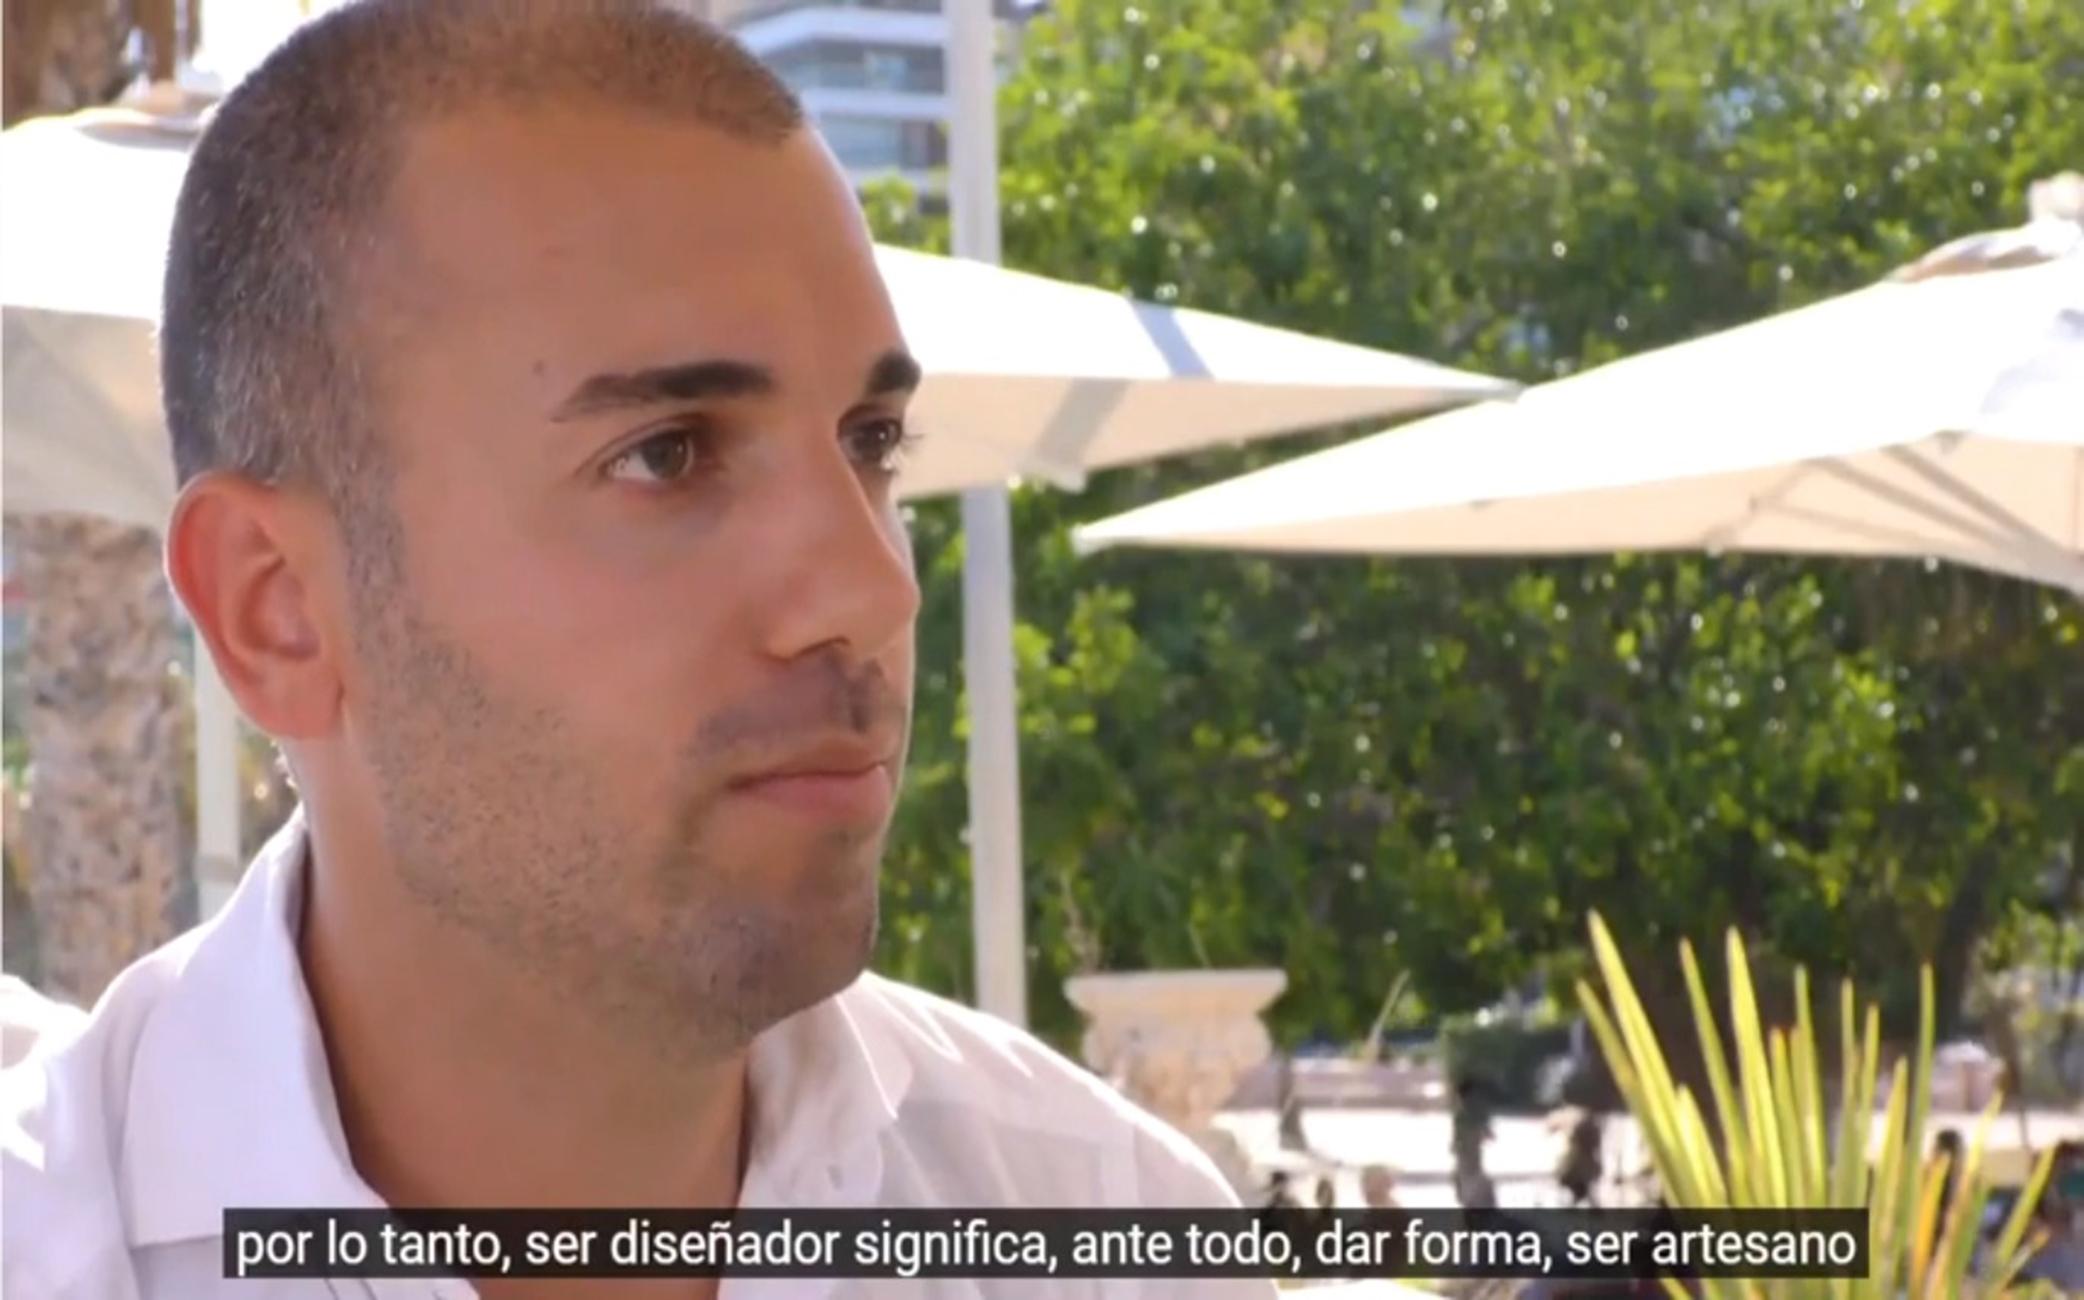 Interview with Sergio Nisticò, interior designer in Alicante